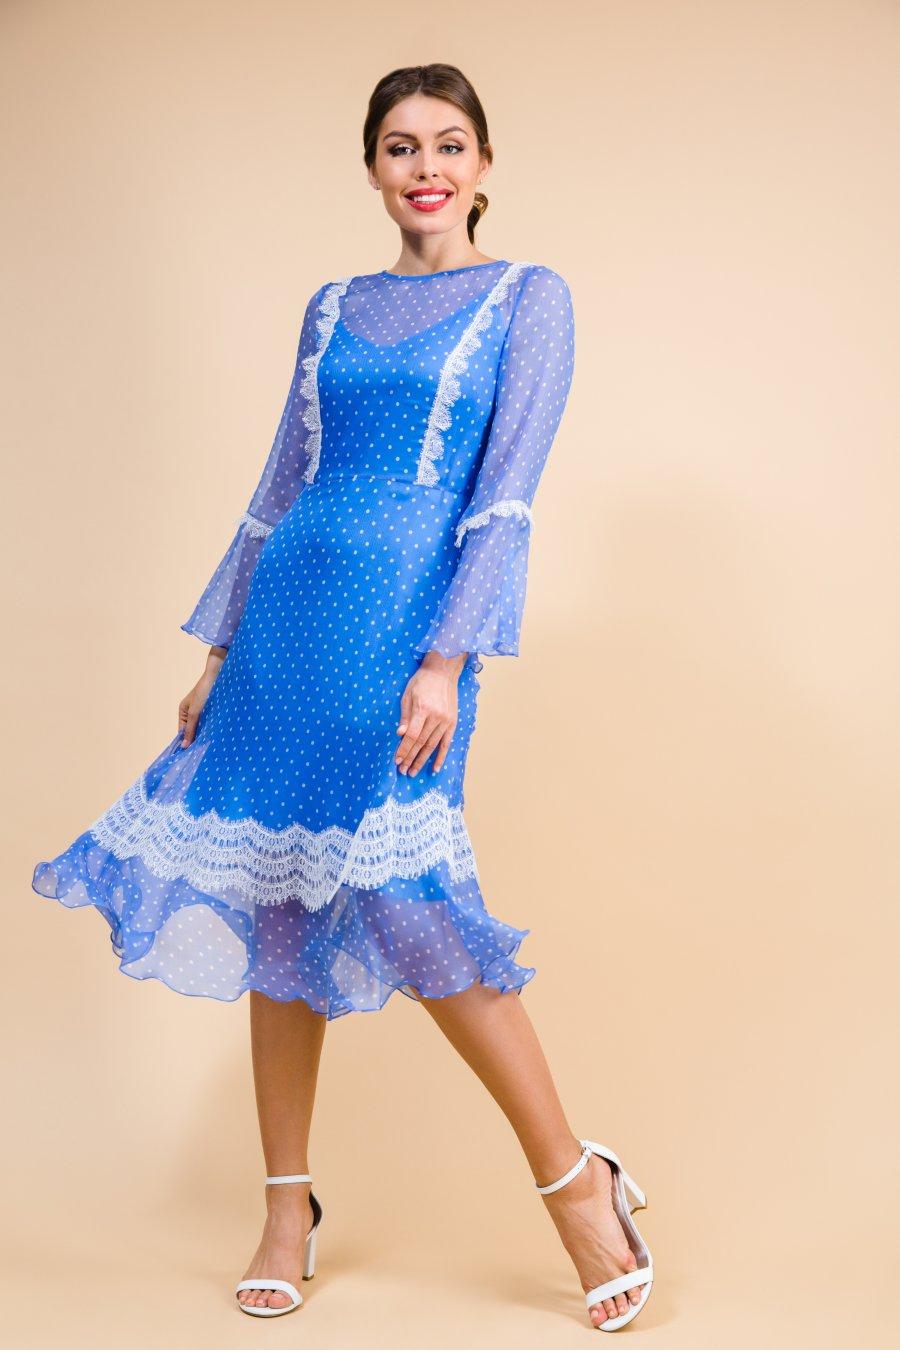 Шифоновое платье в горох, декорированное кружевом